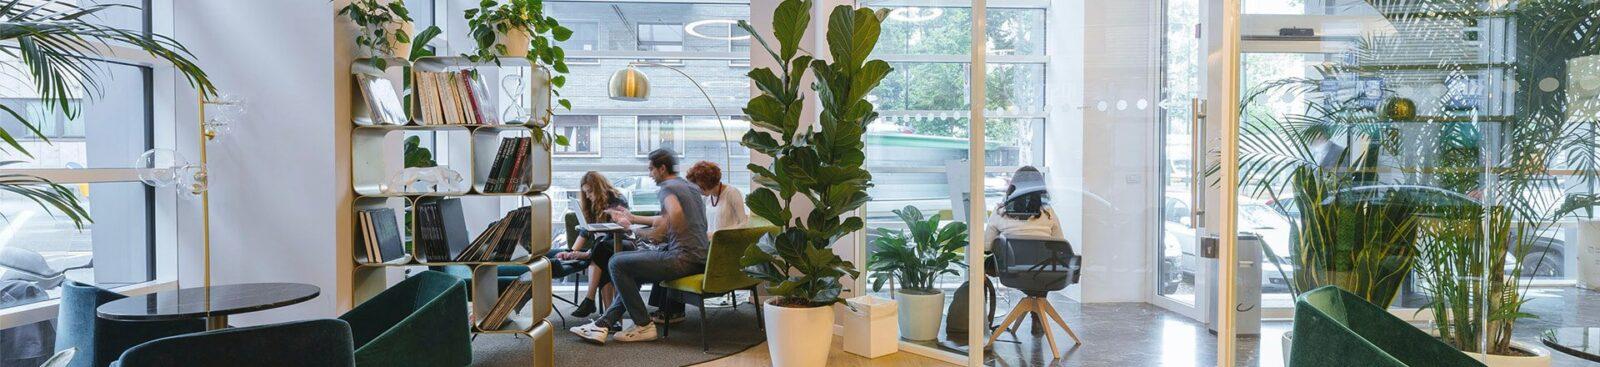 Клининговые услуги для бизнеса в Минске - Greencleaning.by